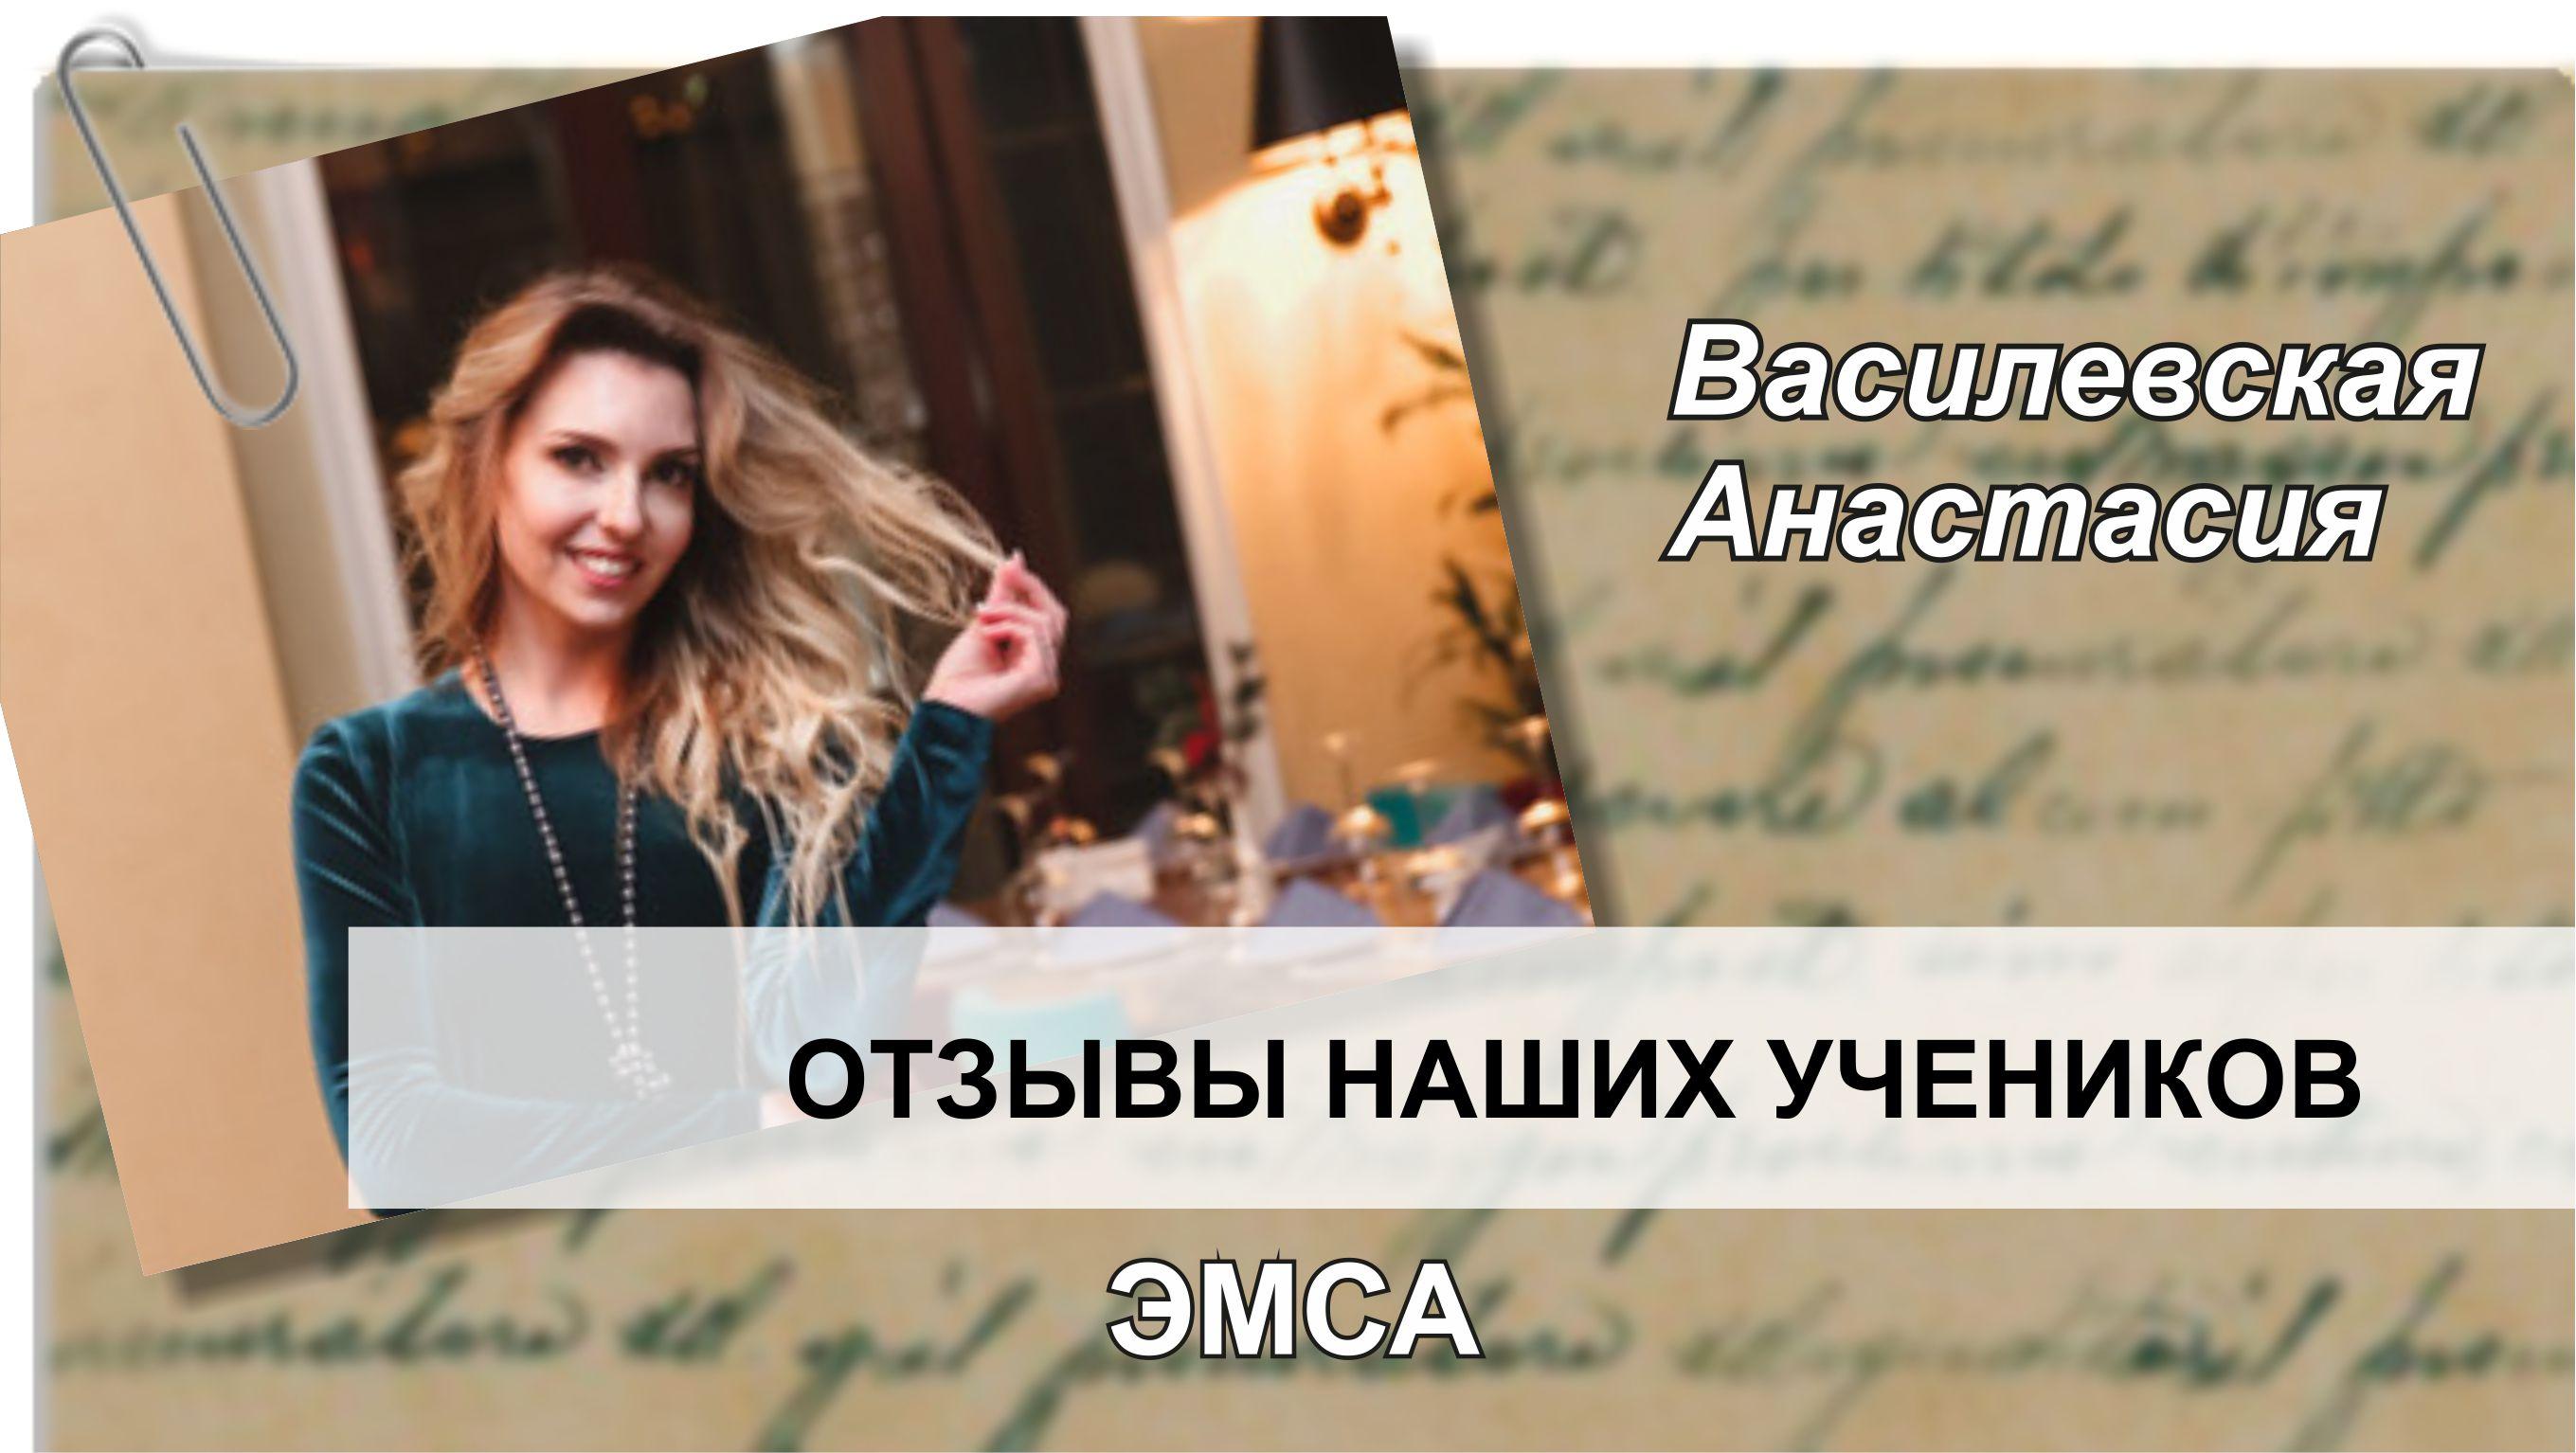 Василевская Анастасия делится впечатлениями после обучения в РШТ